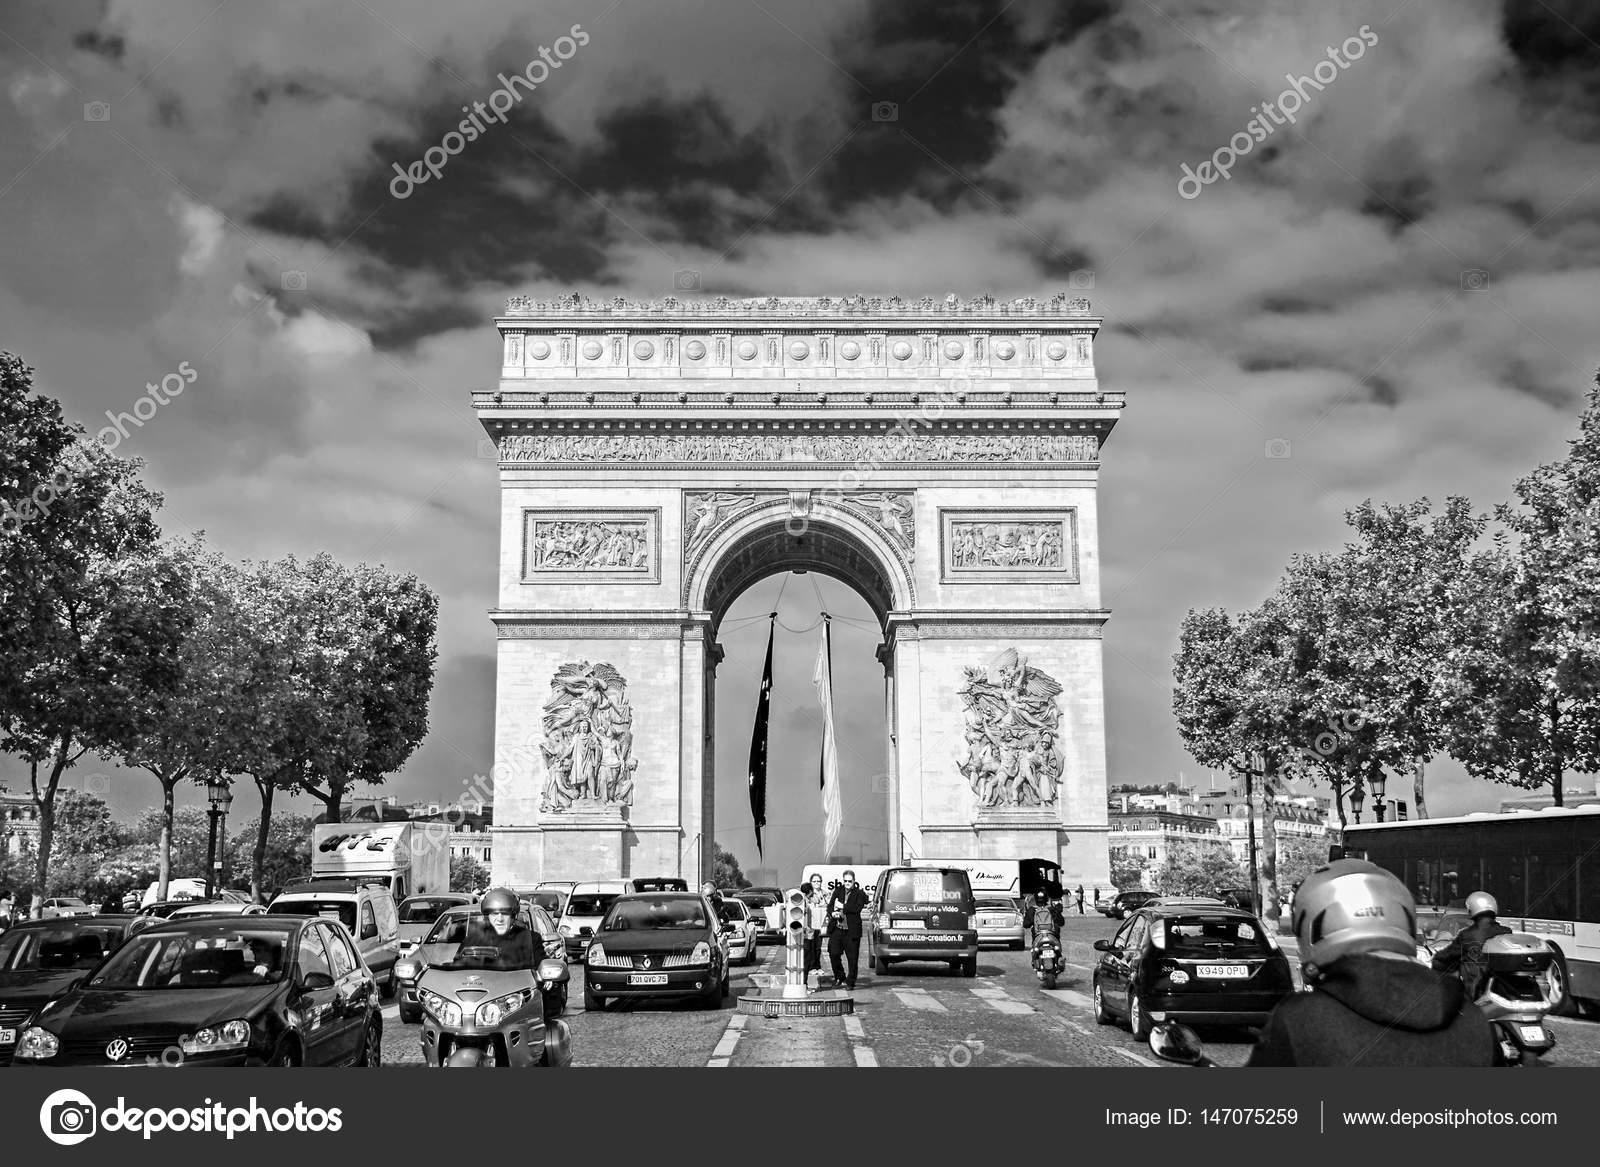 paris, france - 25 septembre 2008 : l'arc de triomphe et des champs